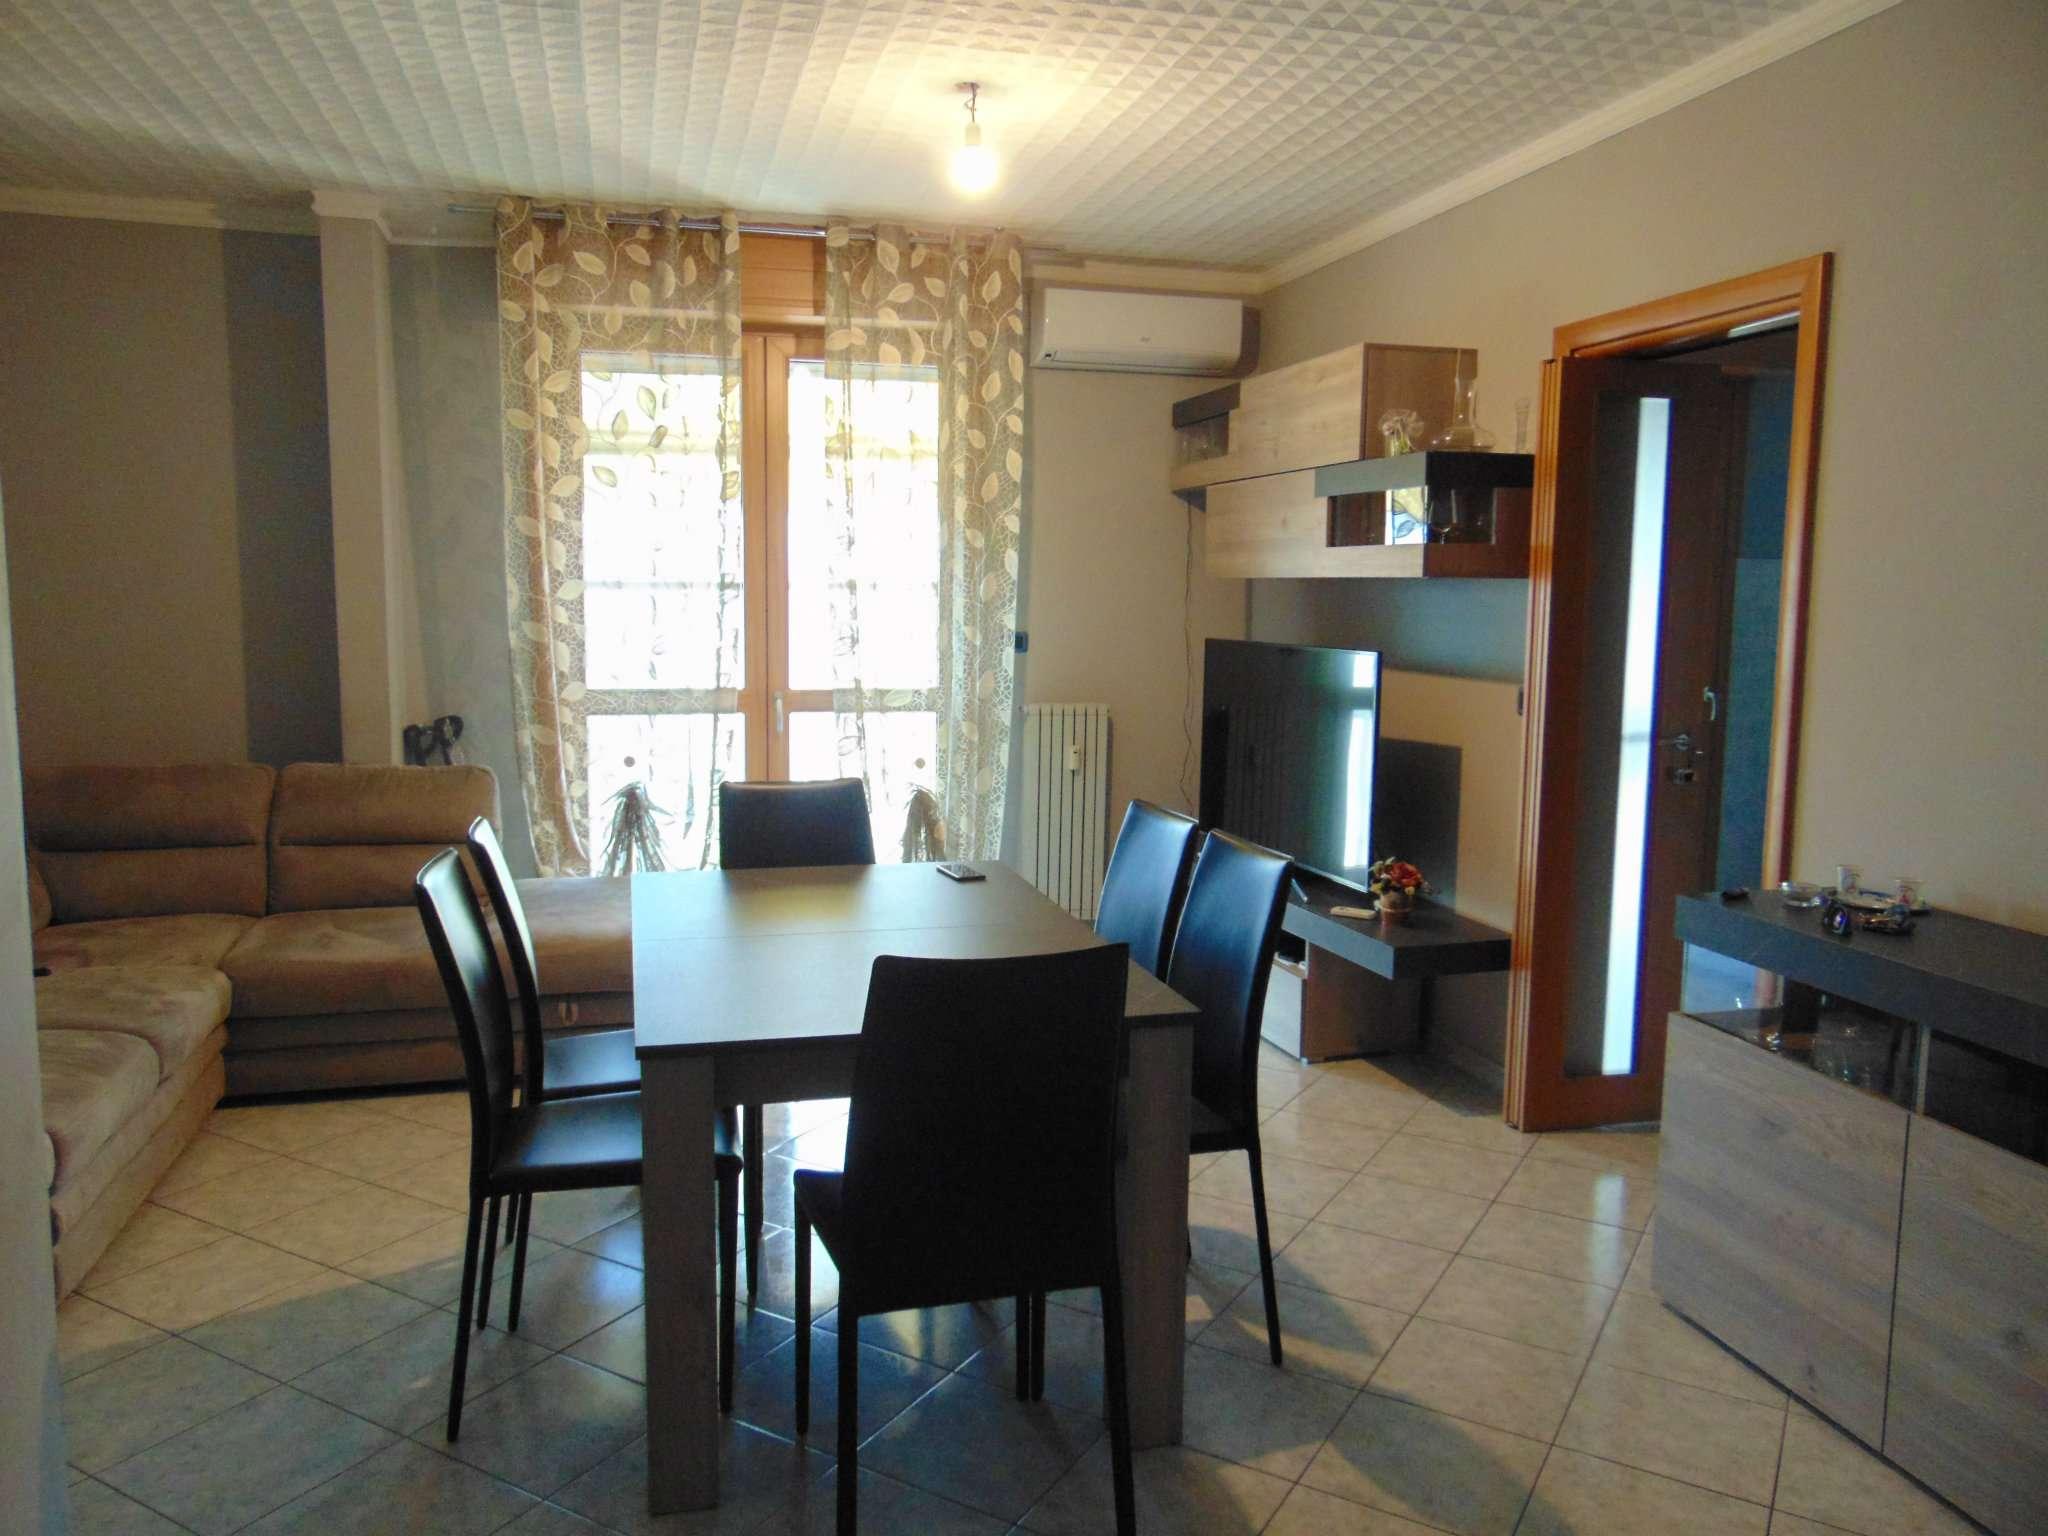 Foto 1 di Quadrilocale via De Gasperi 1, Beinasco